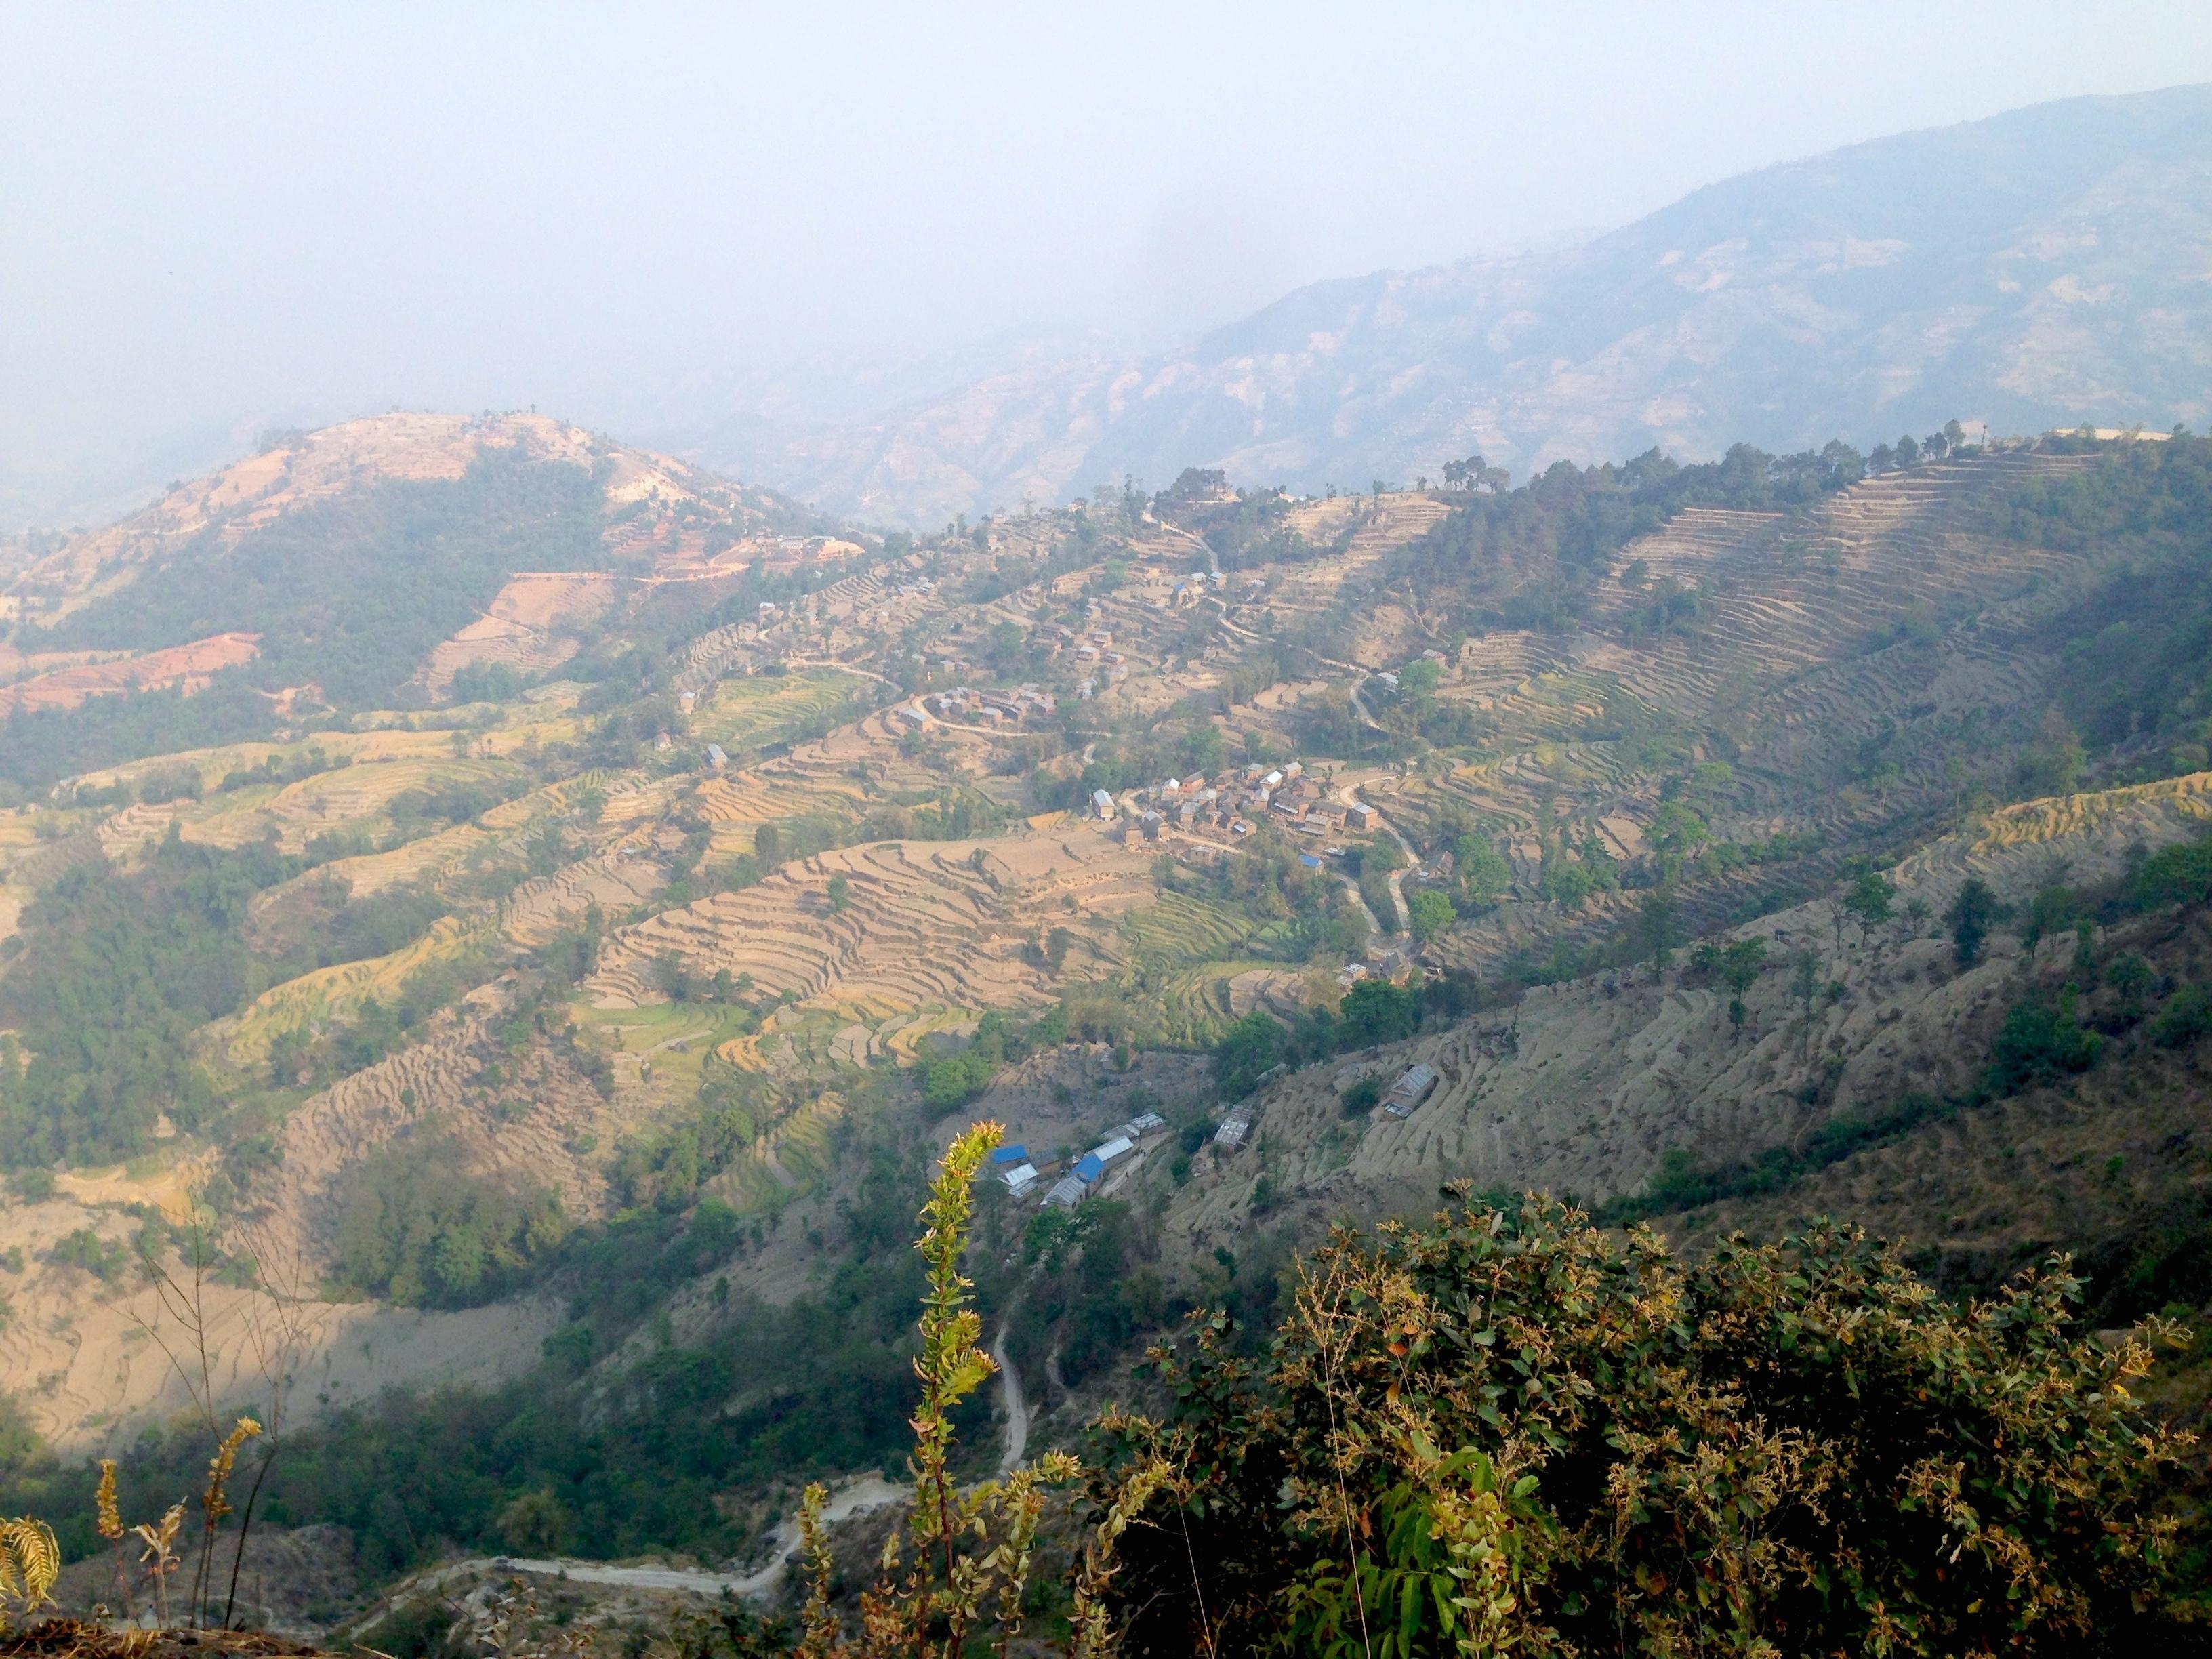 Verso il villaggio Tamang sulla scarpata